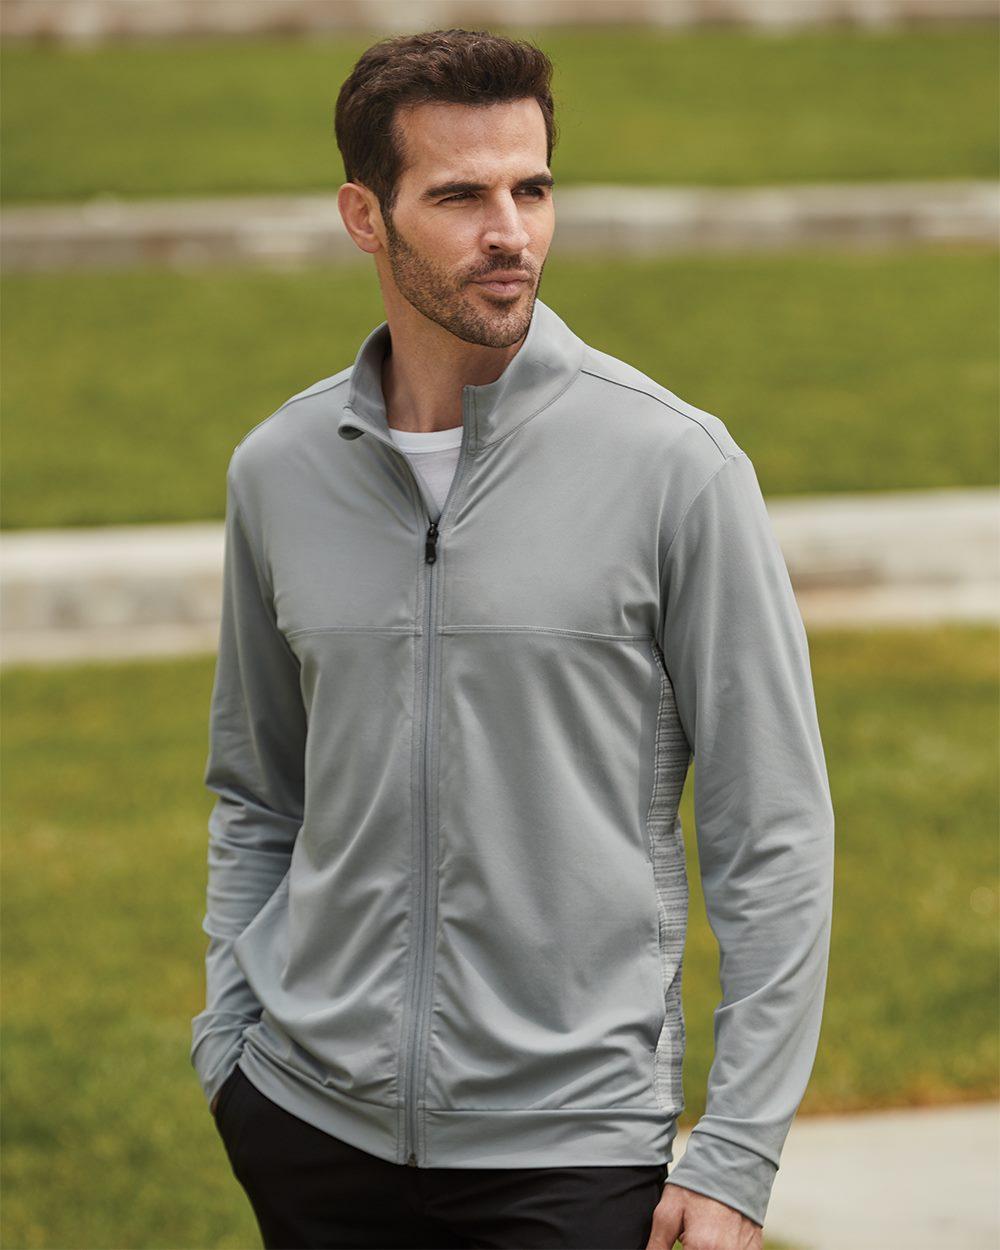 Adidas A203 - Rangewear Full Zip Jacket